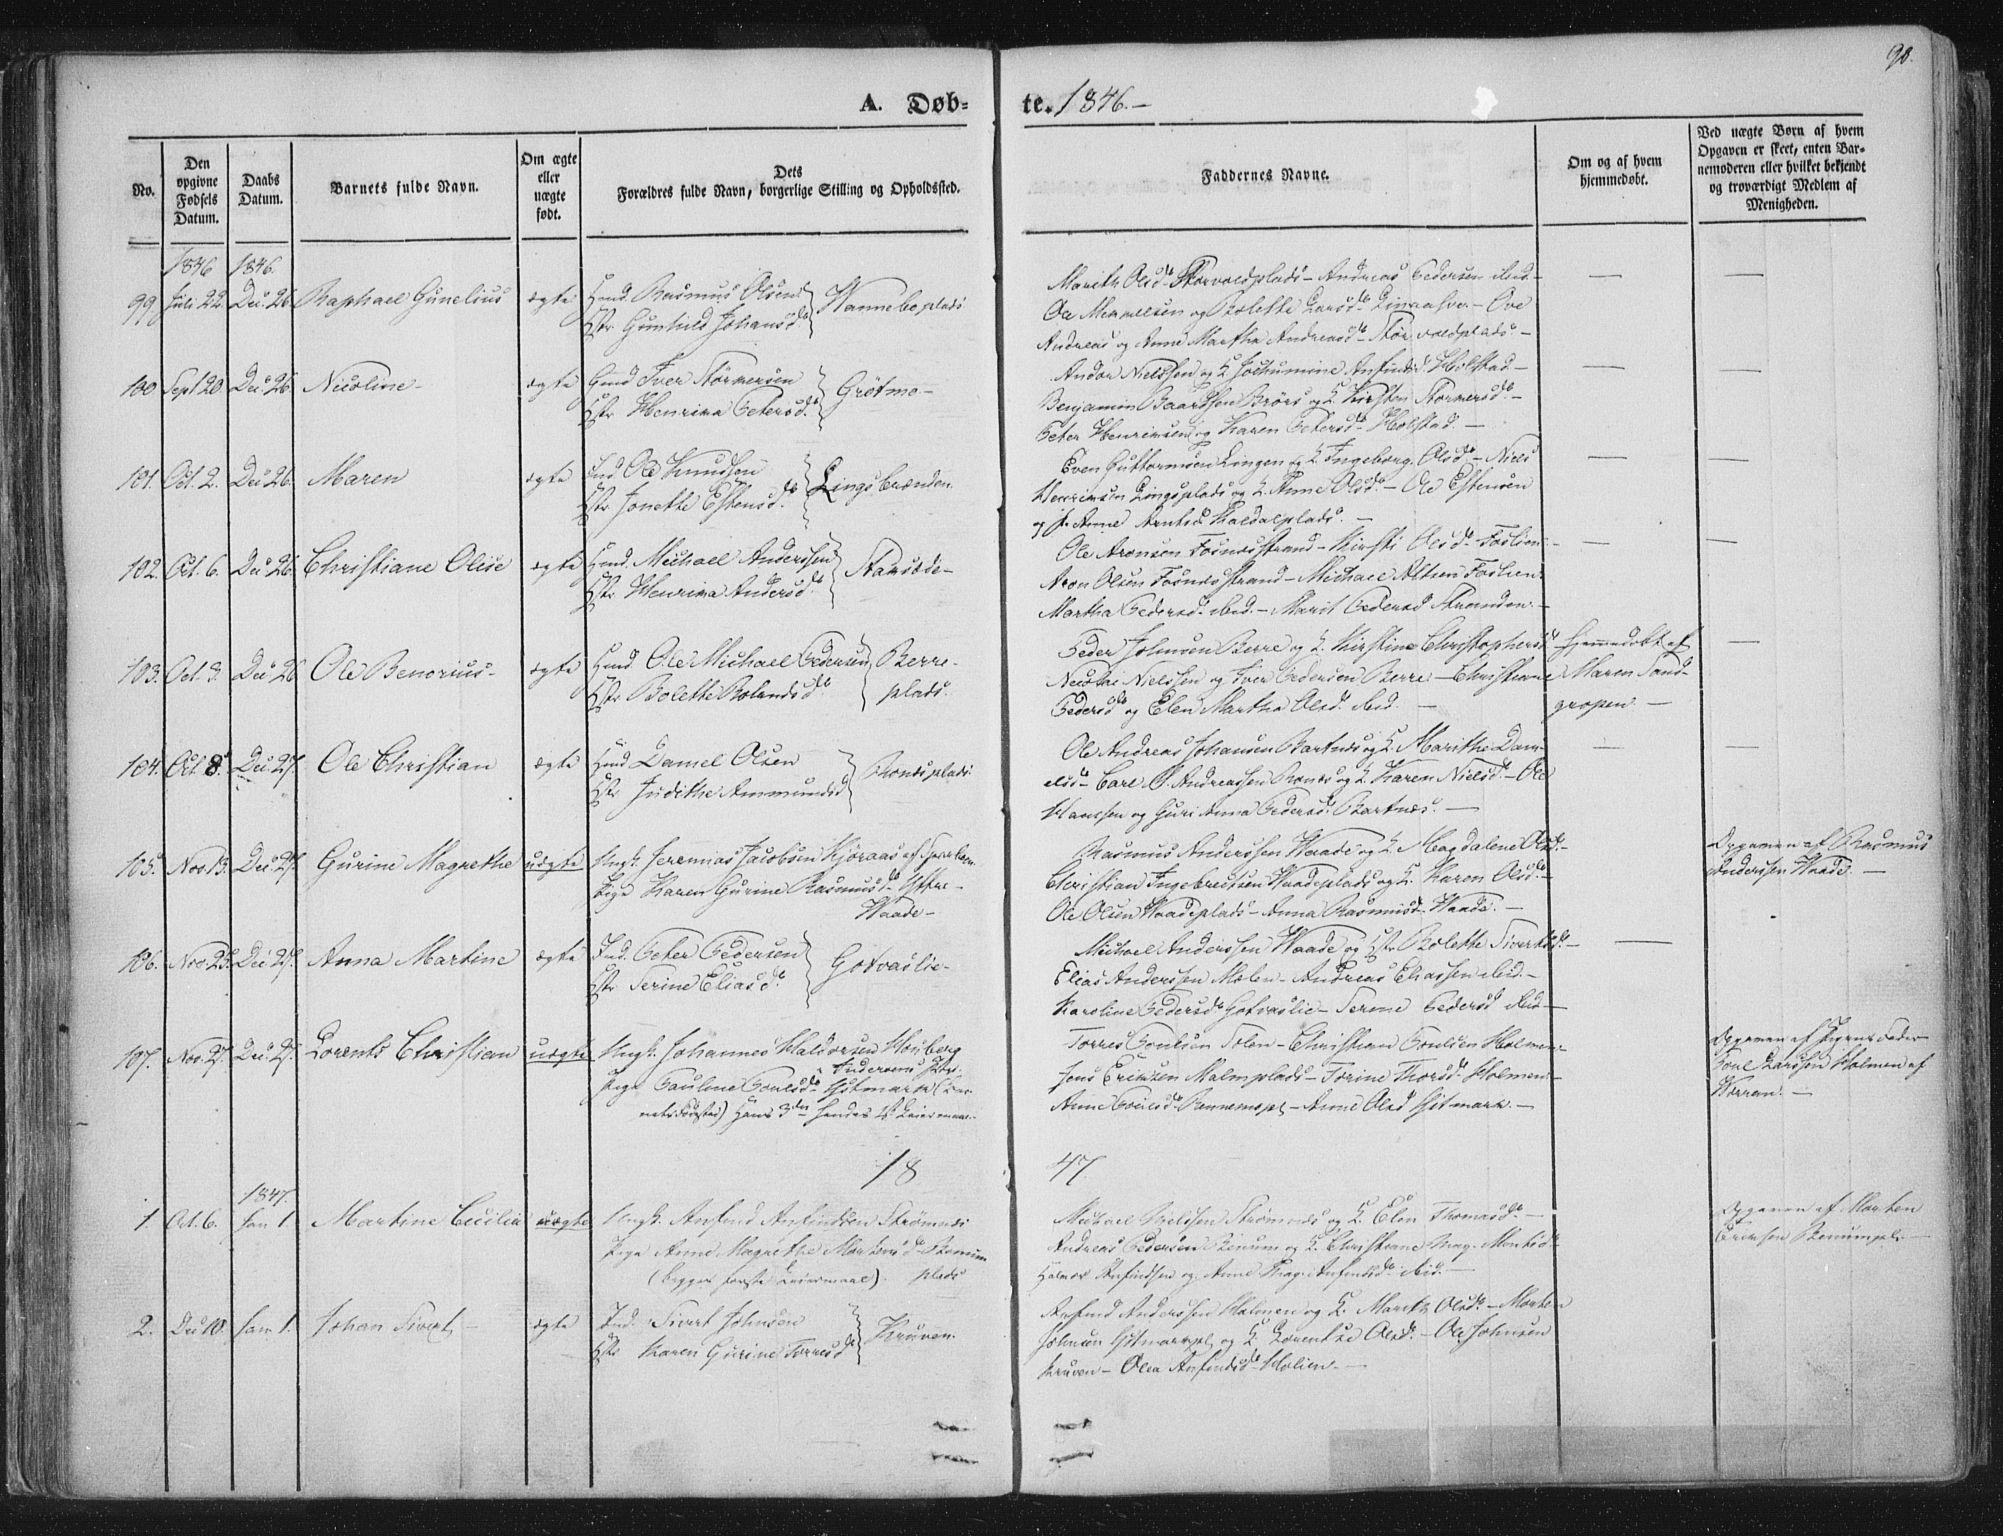 SAT, Ministerialprotokoller, klokkerbøker og fødselsregistre - Nord-Trøndelag, 741/L0392: Ministerialbok nr. 741A06, 1836-1848, s. 90